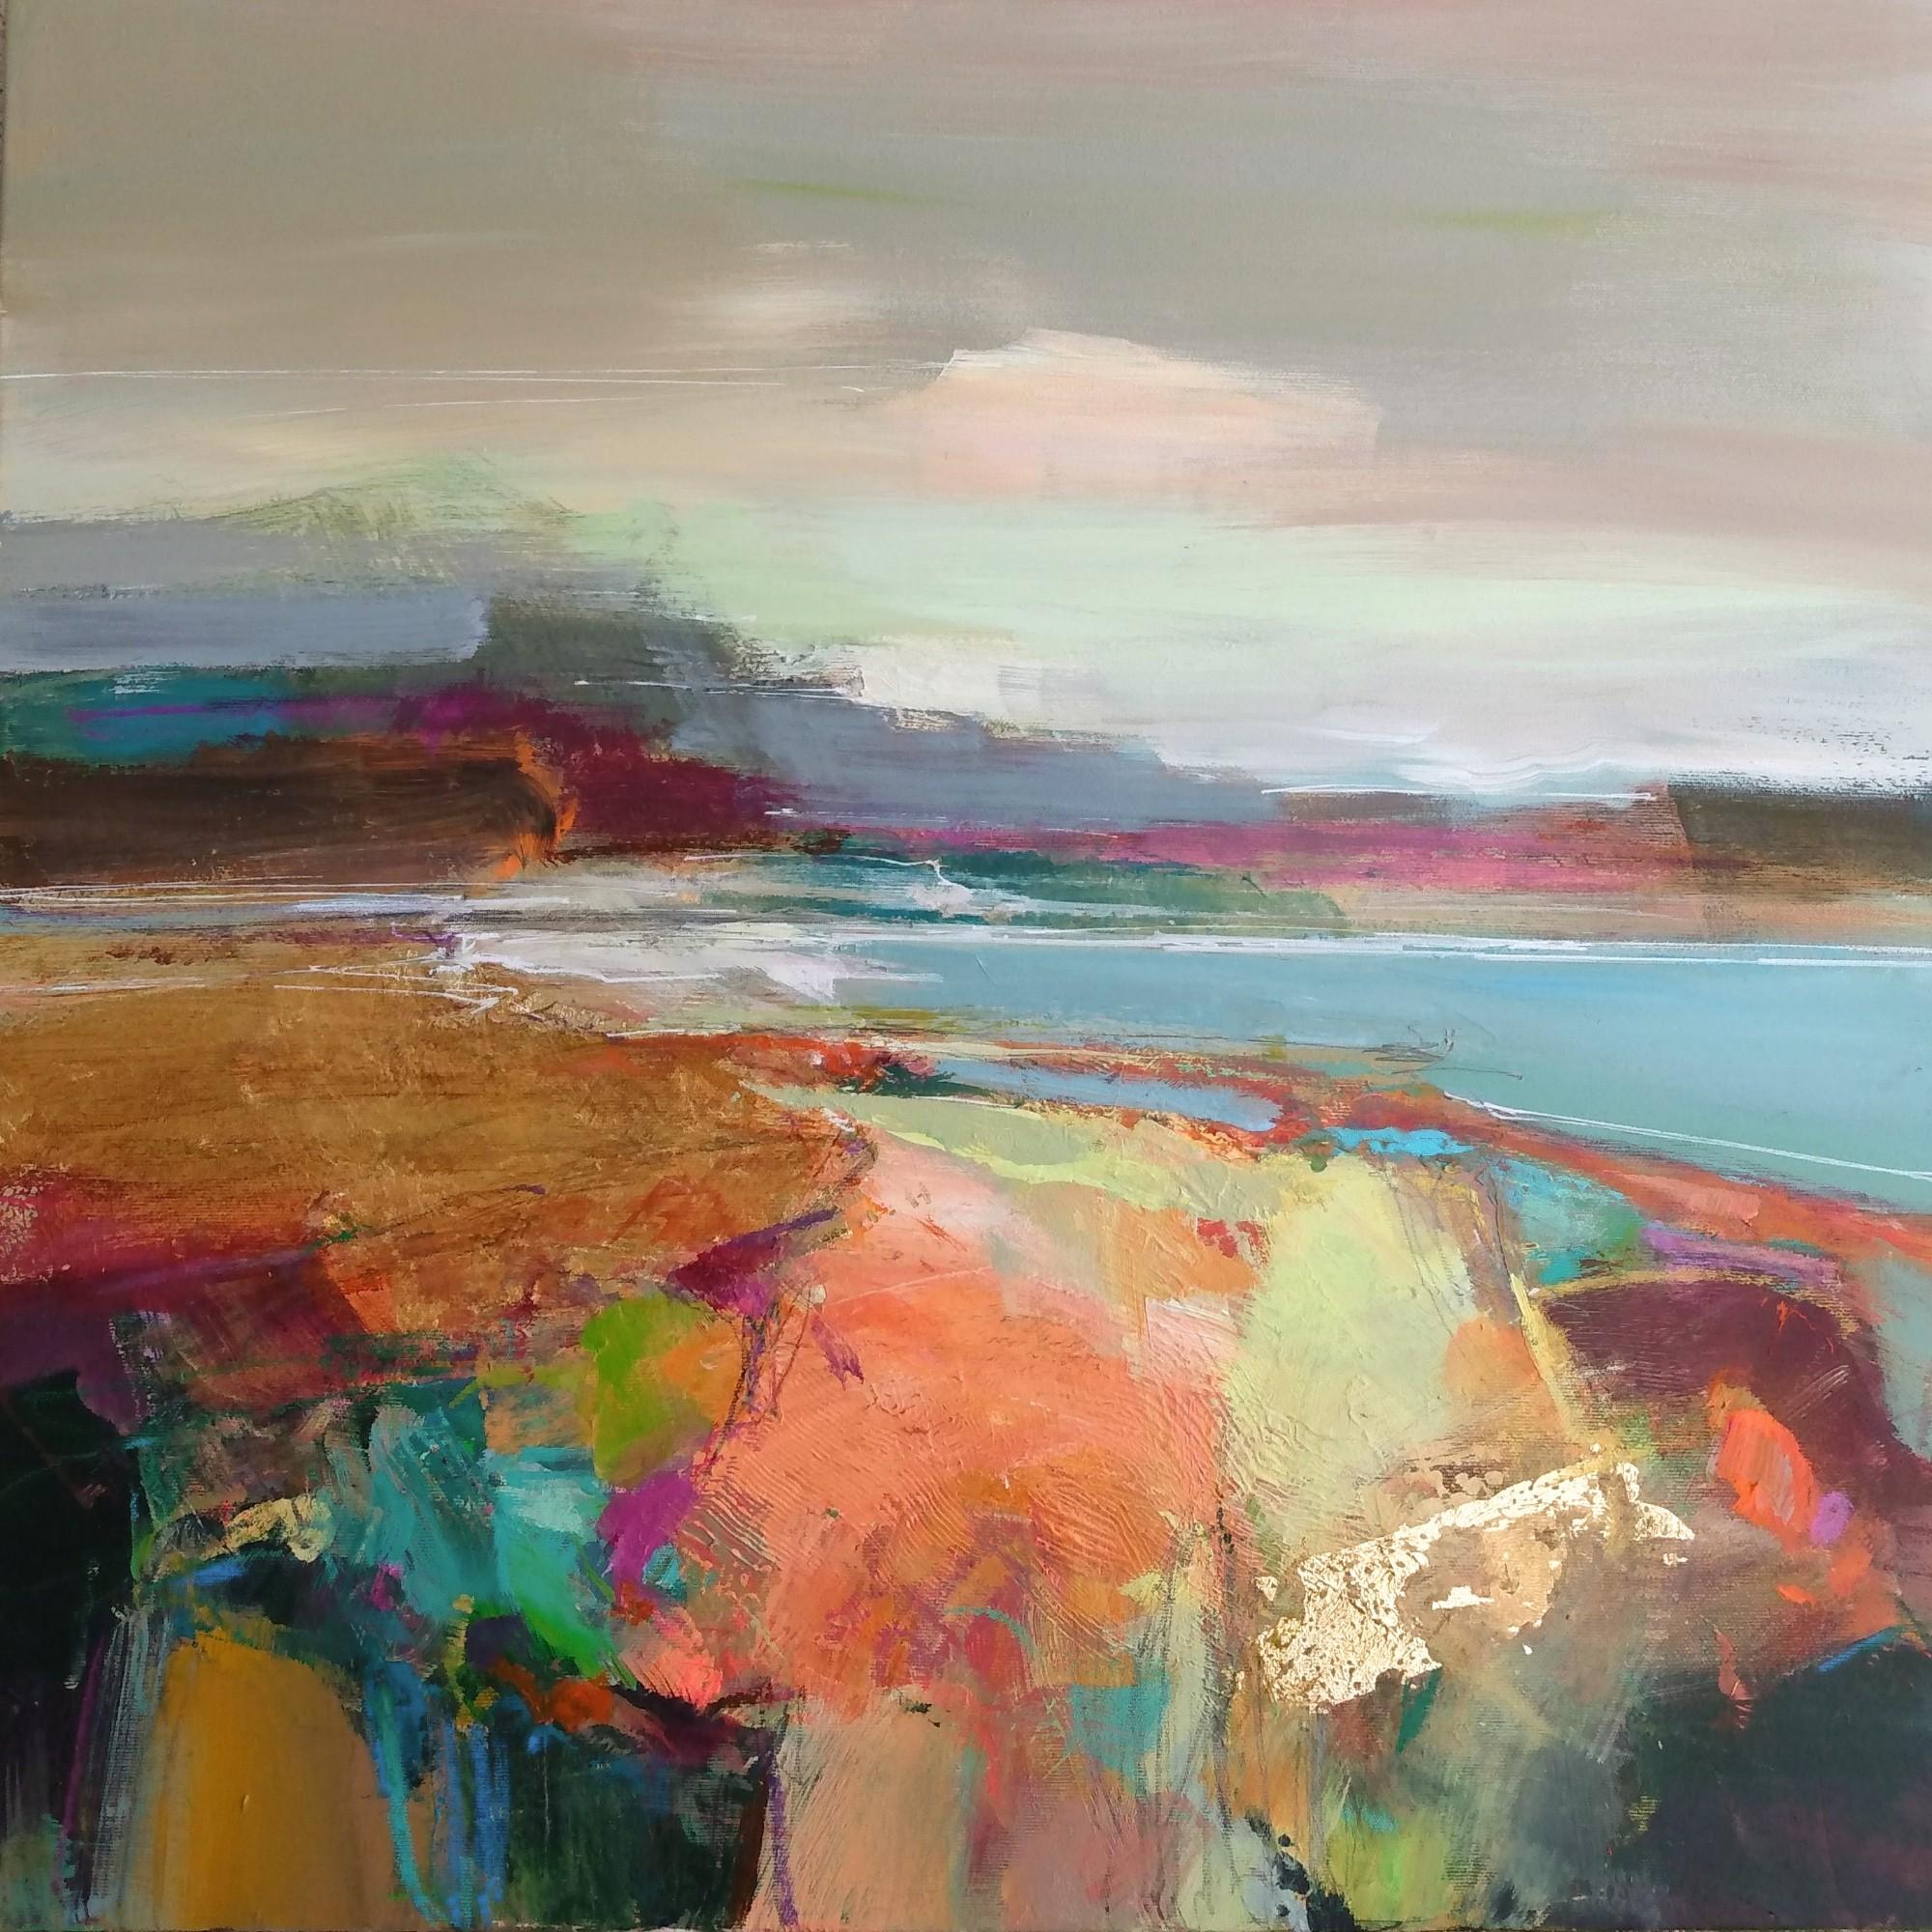 Entre las Dunas 2 (2021) - Magdalena Morey